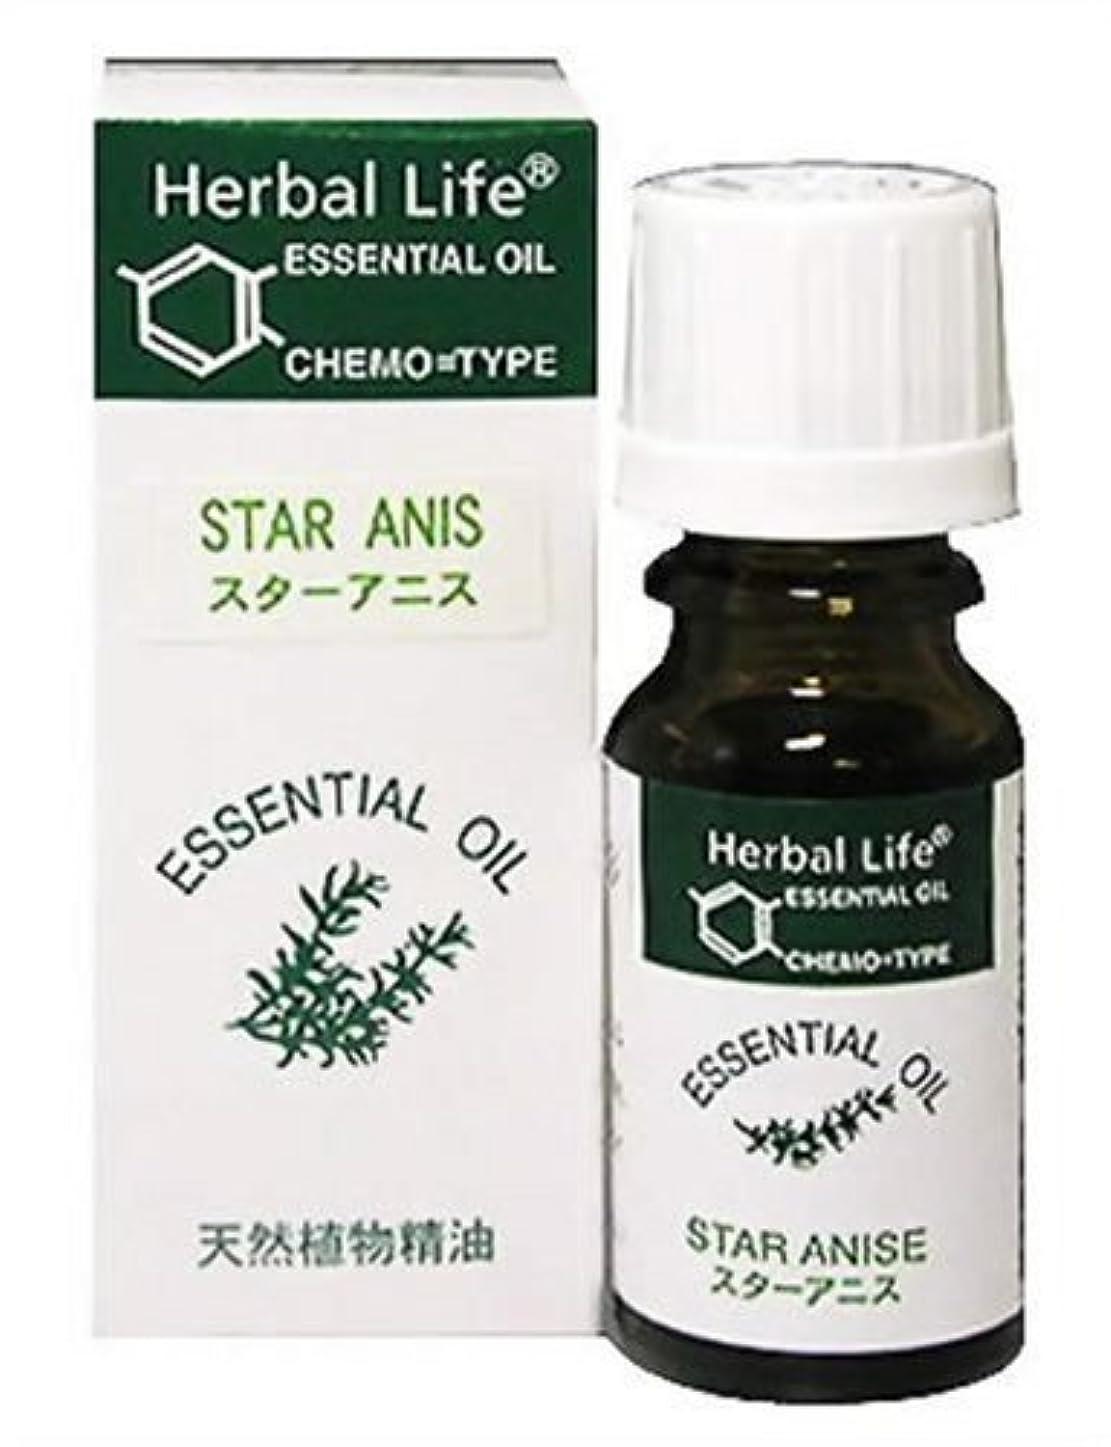 ヶ月目葉を拾う熟達Herbal Life スターアニス 10ml